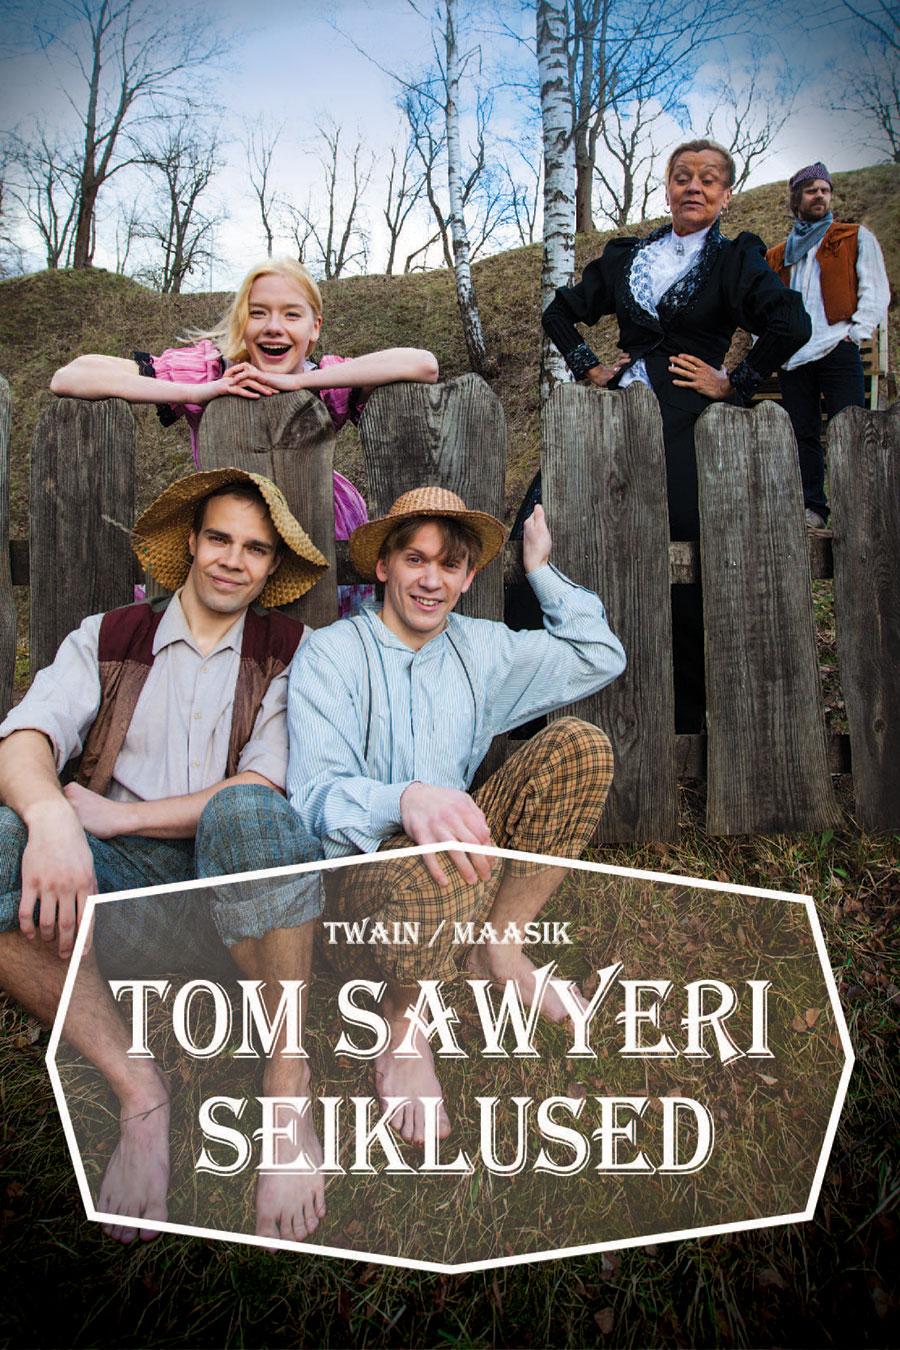 Tom Sawyeri seiklused